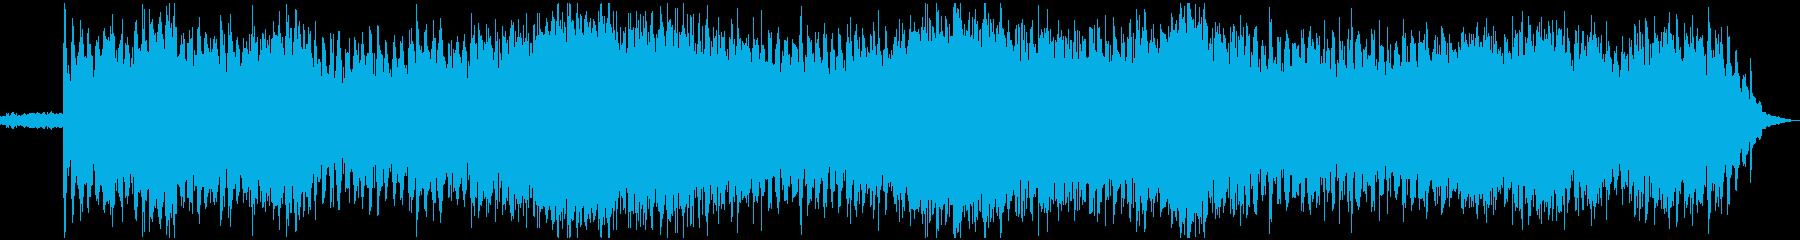 無重力なシンセロックの再生済みの波形